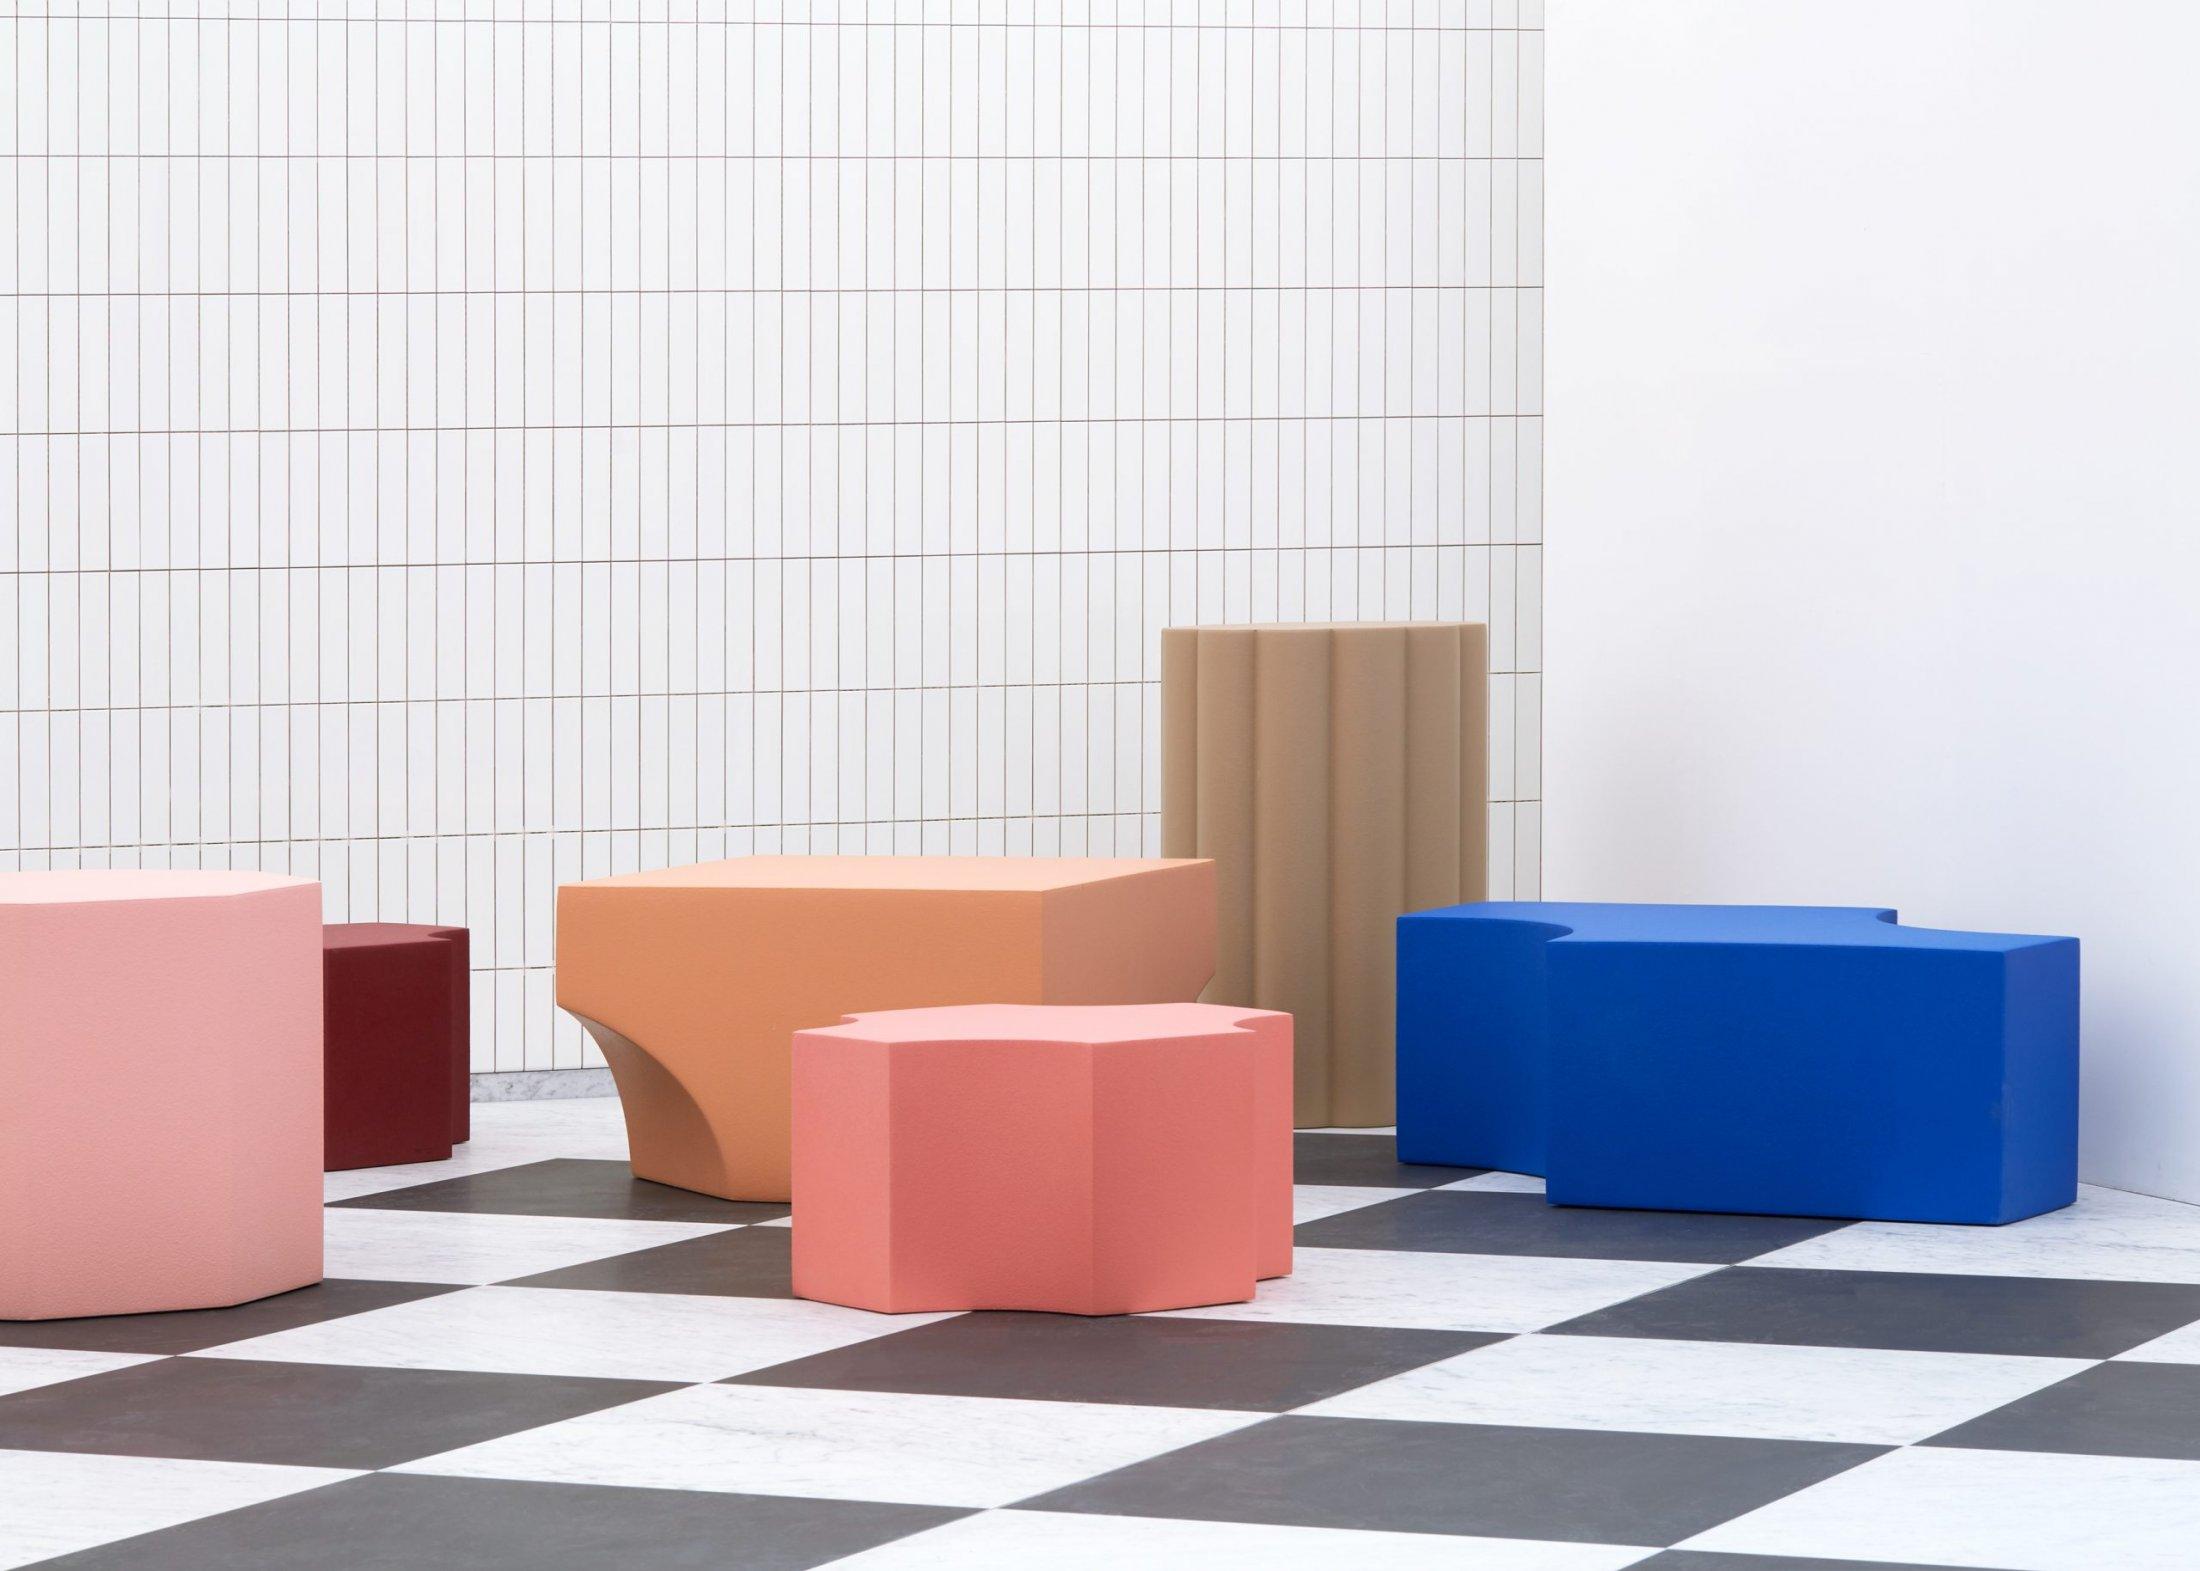 Furniture by architects Christ & Gantenbein